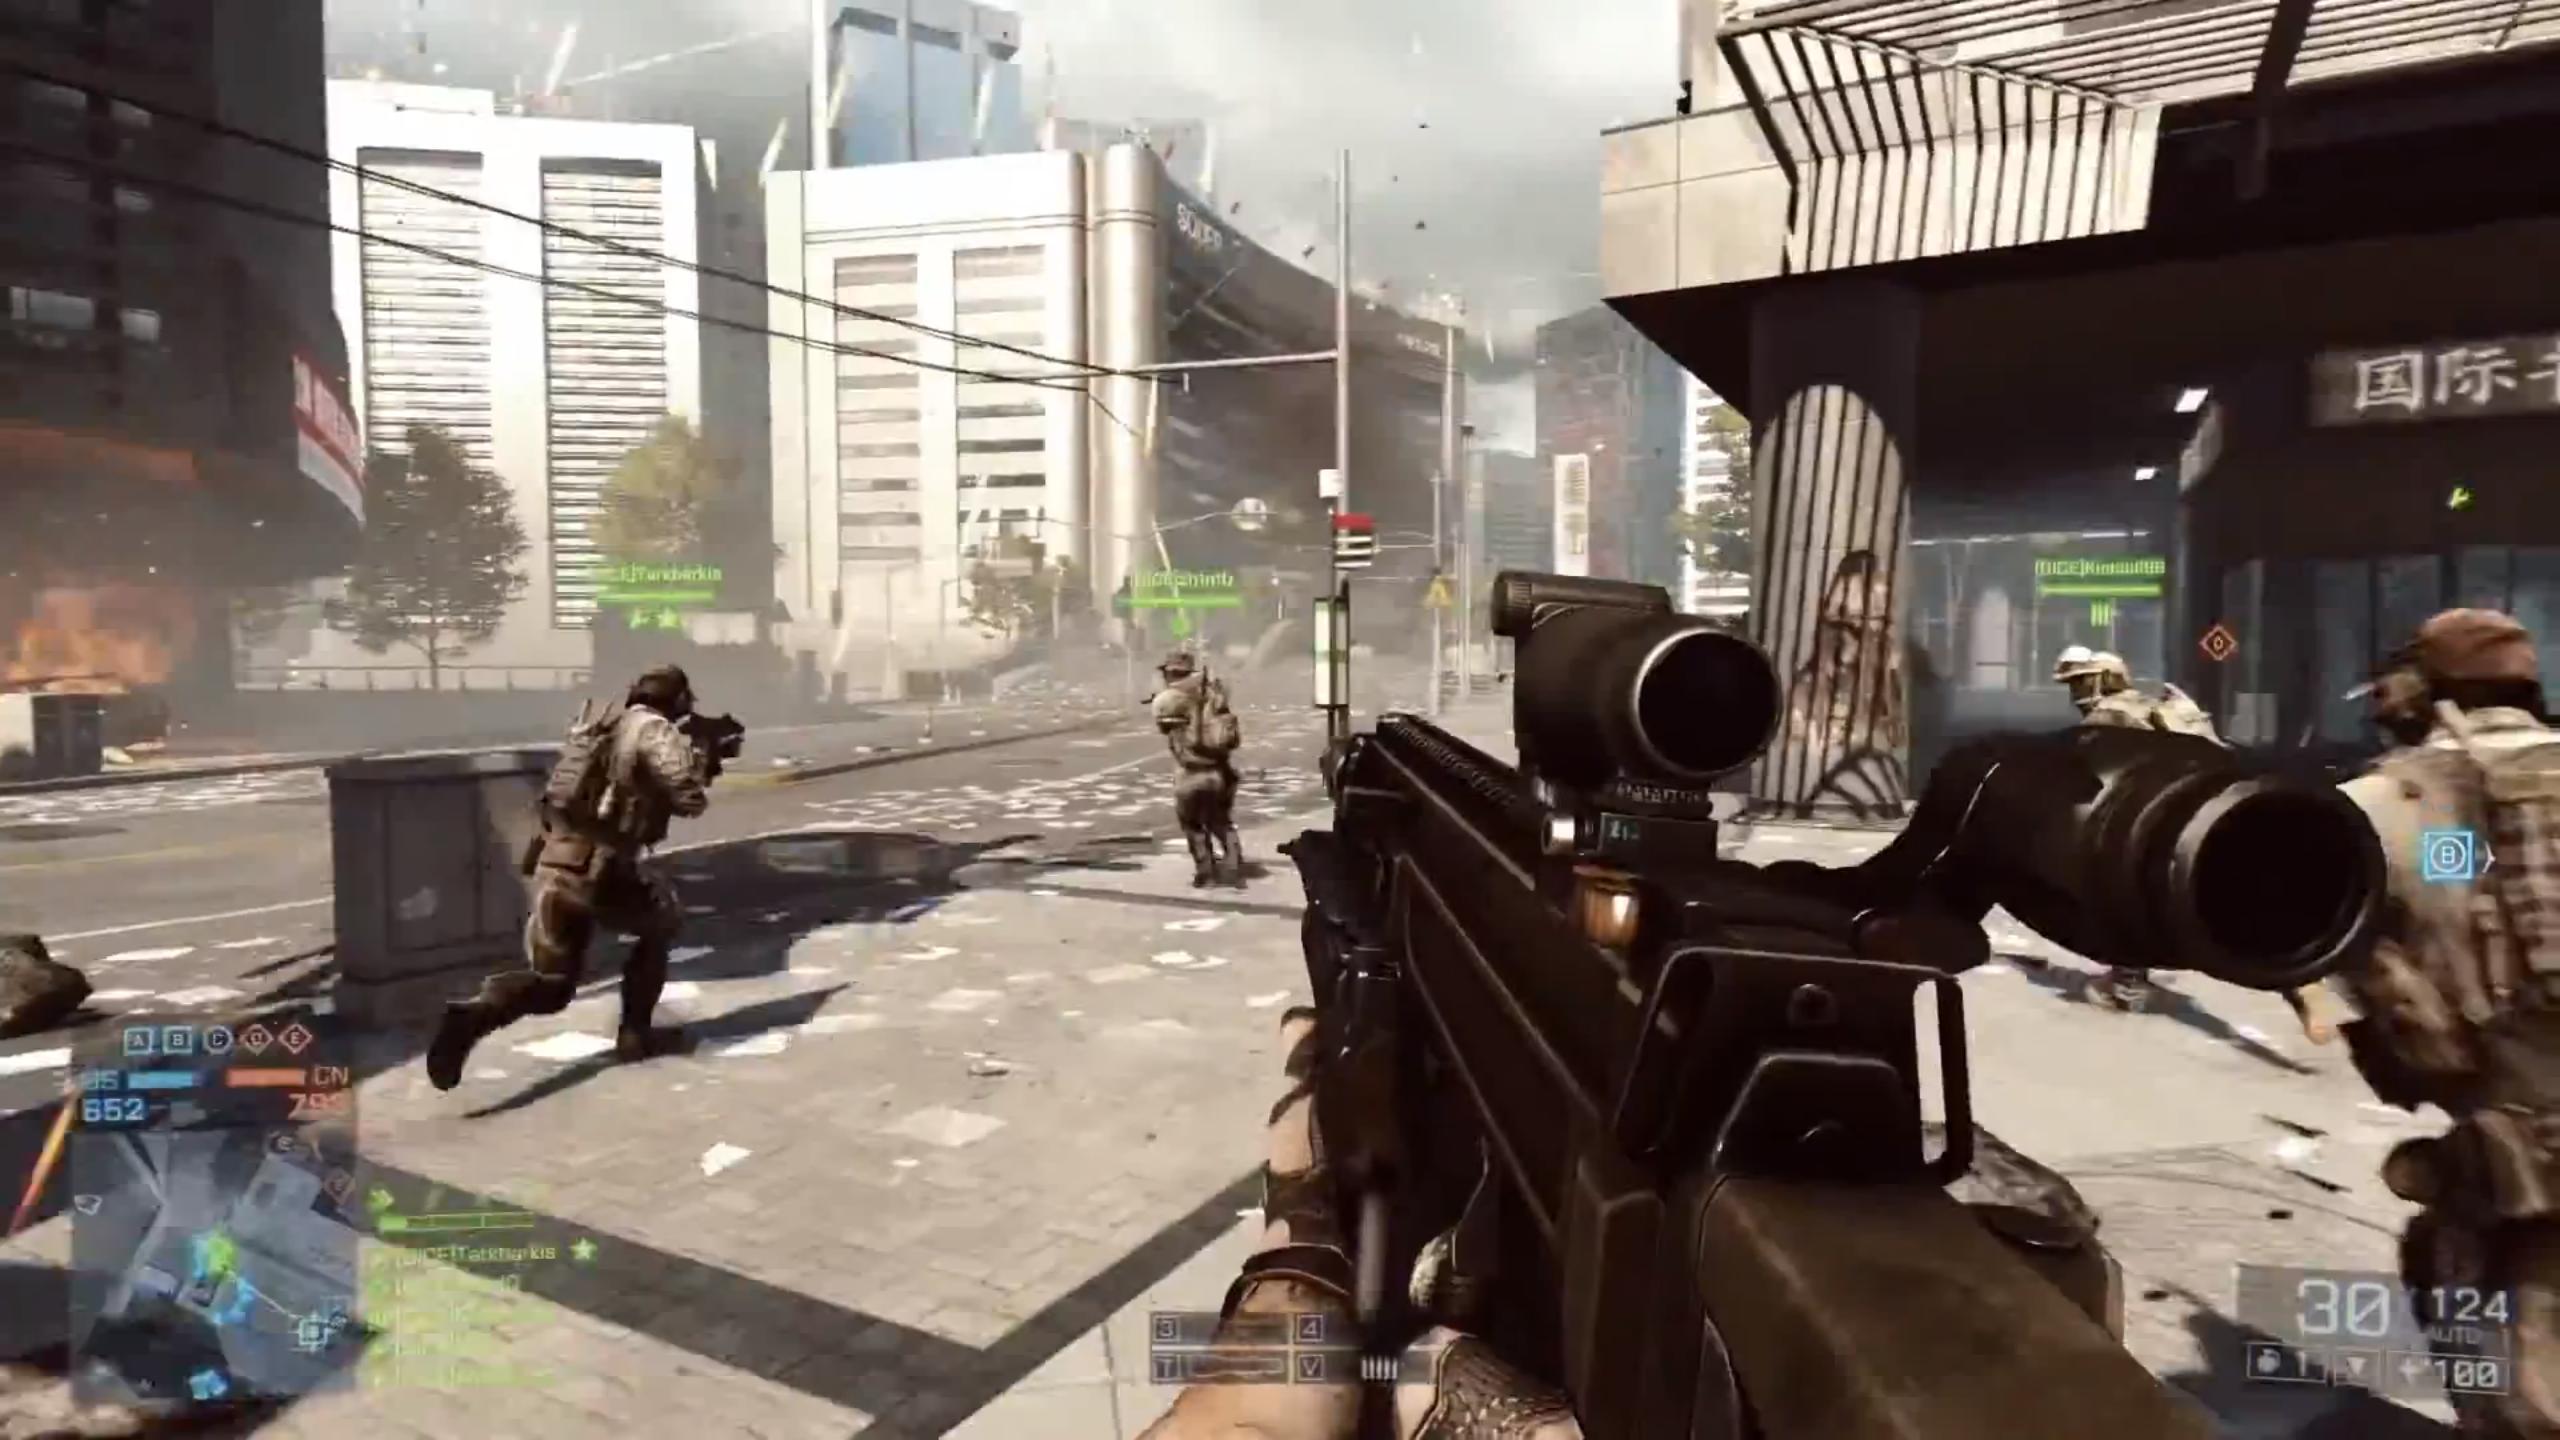 October Fall Wallpaper Battlefield 4 Multiplayer Trailer Shows New Maps Intense